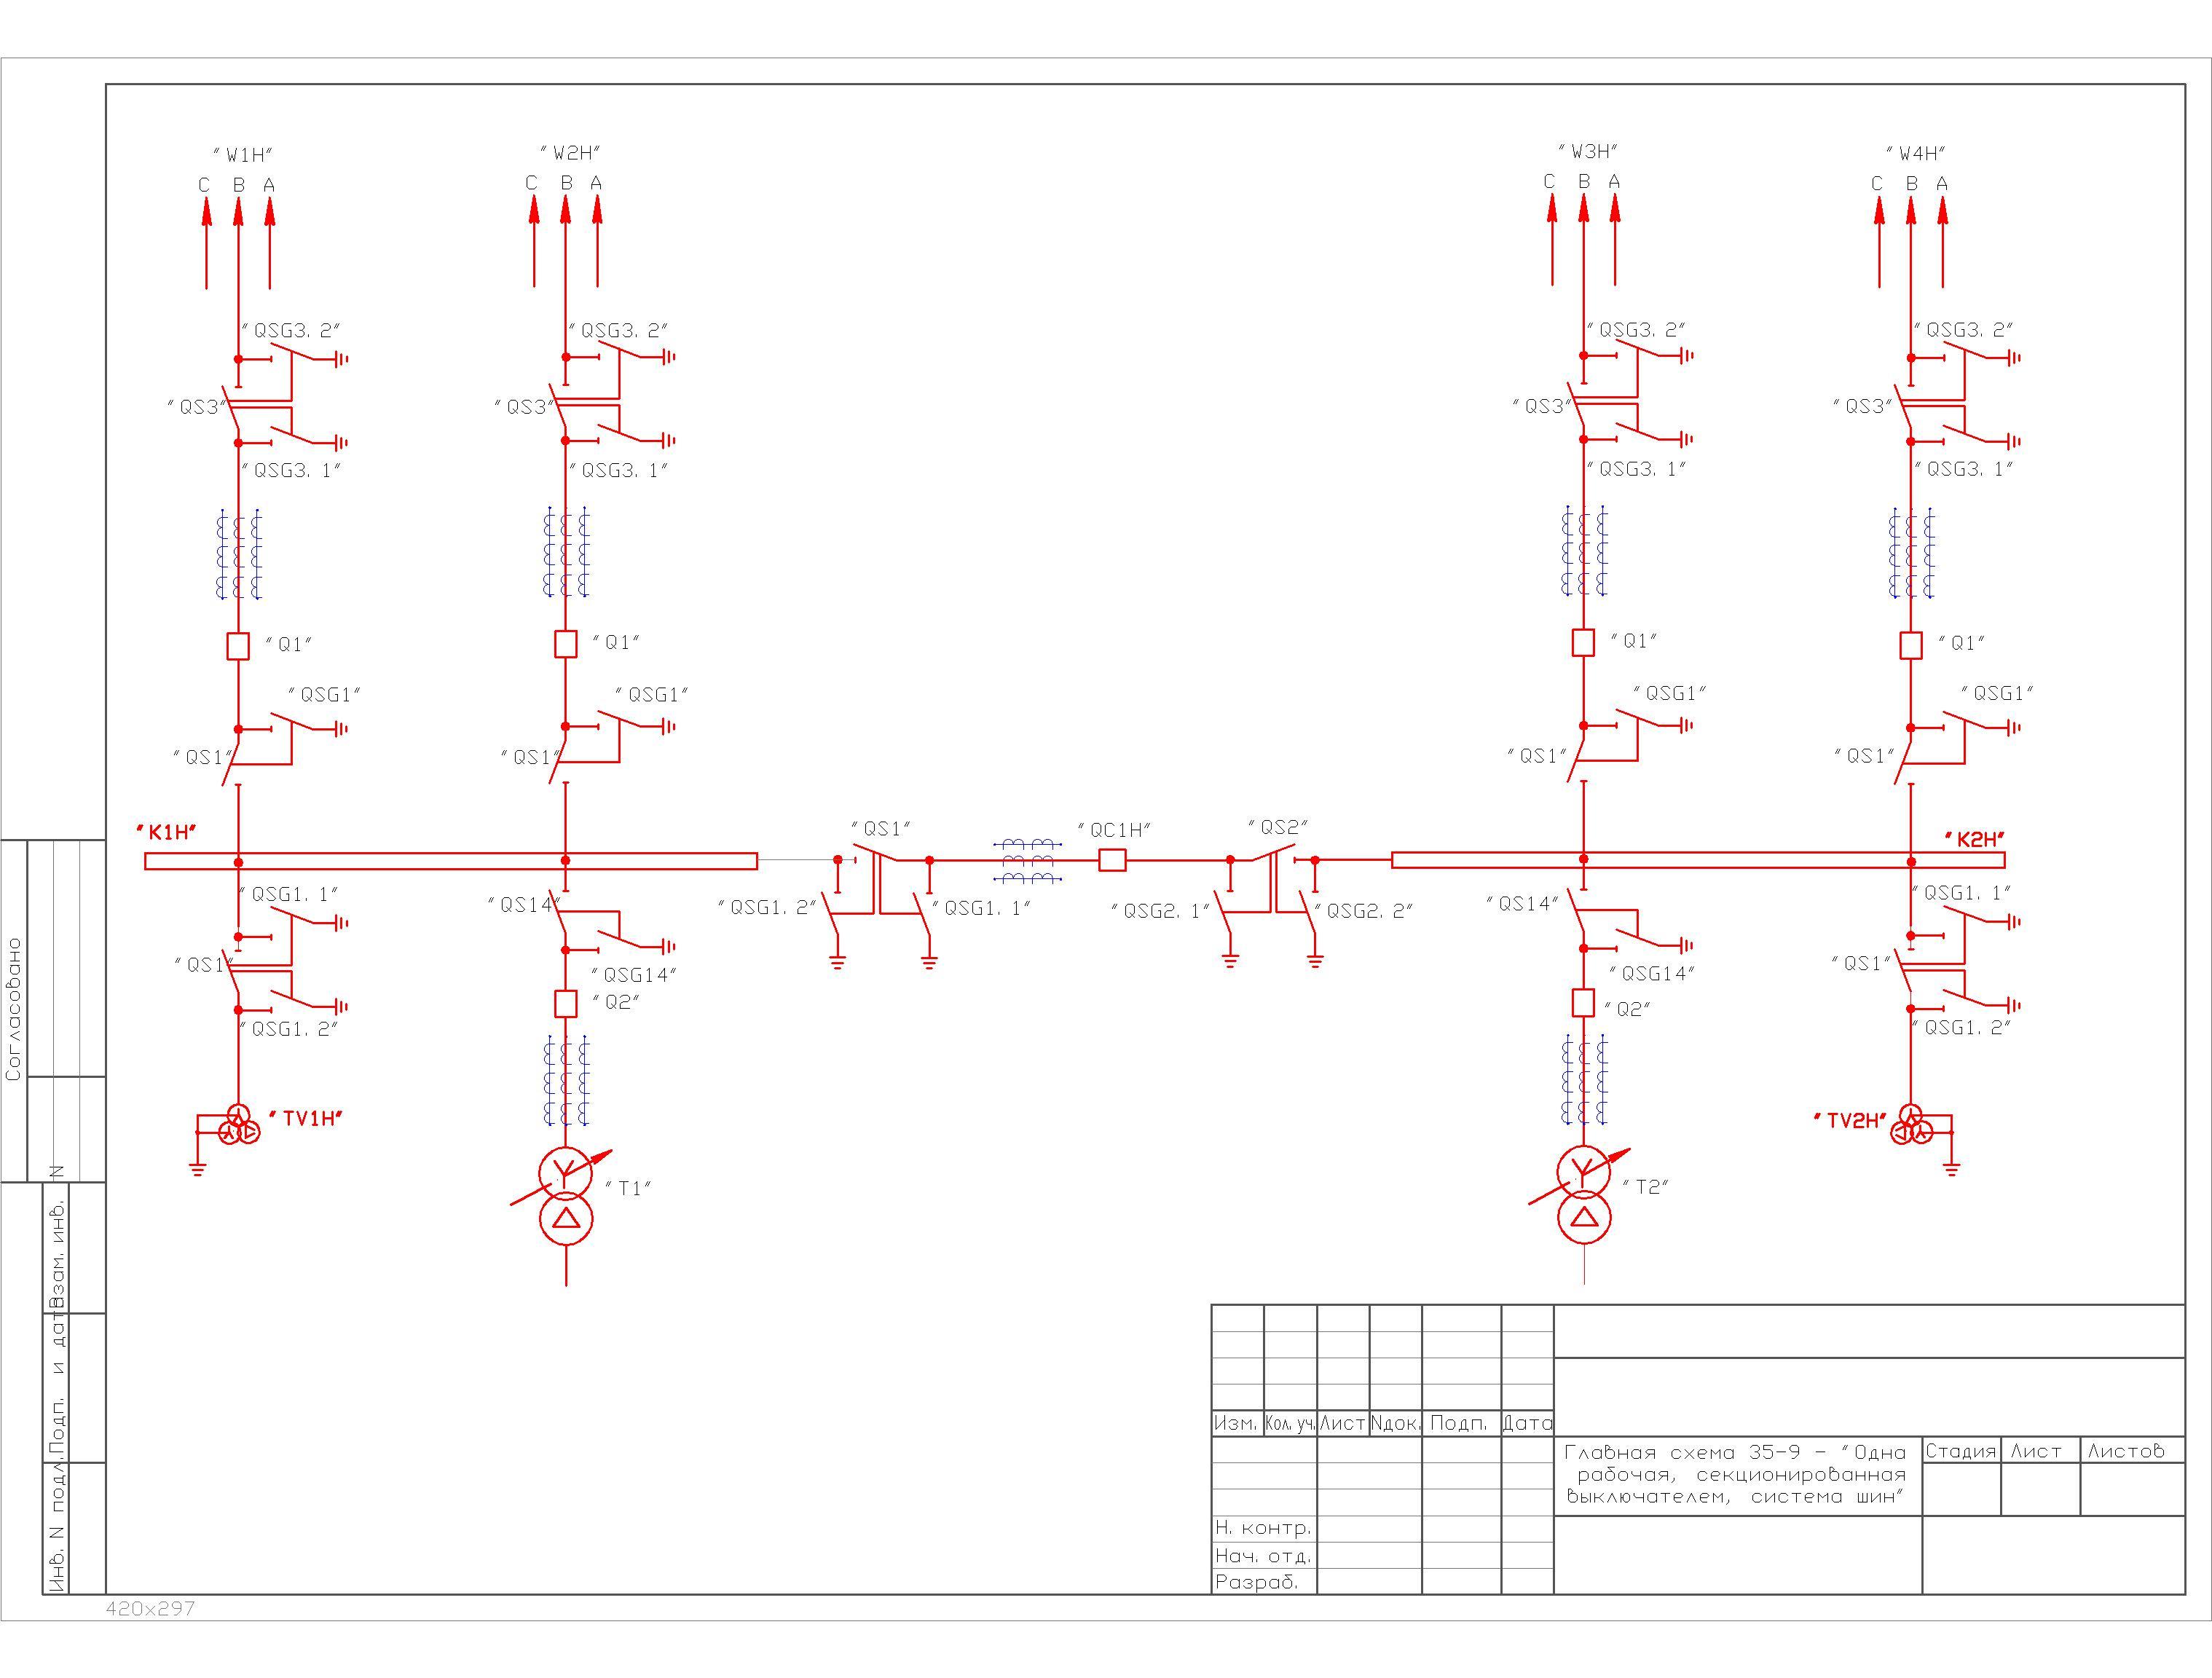 Главная схема №35-9 в формате dwg